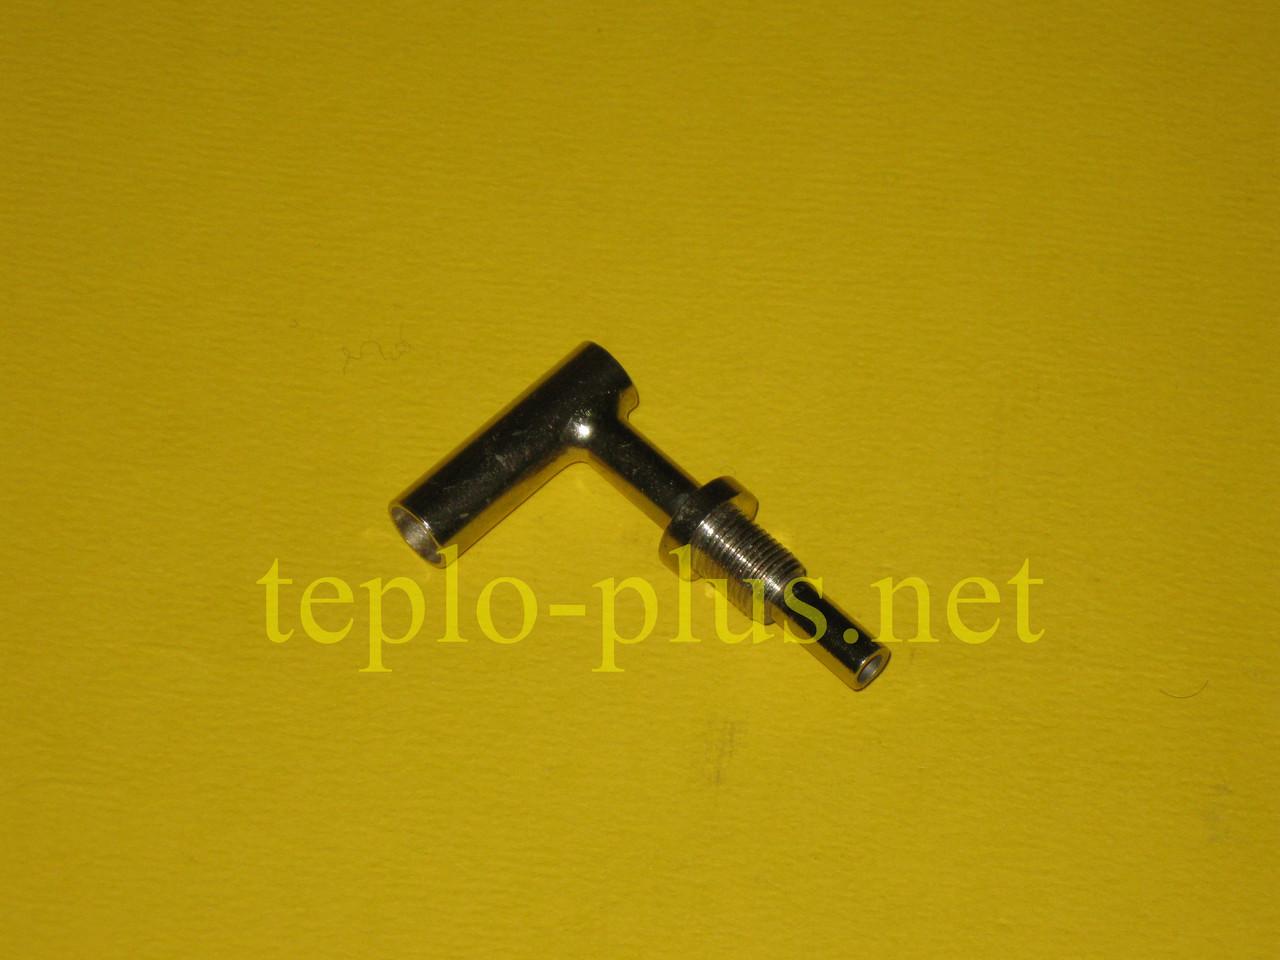 Трубка Вентури 70101001 Zoom Expert, Master, Rens